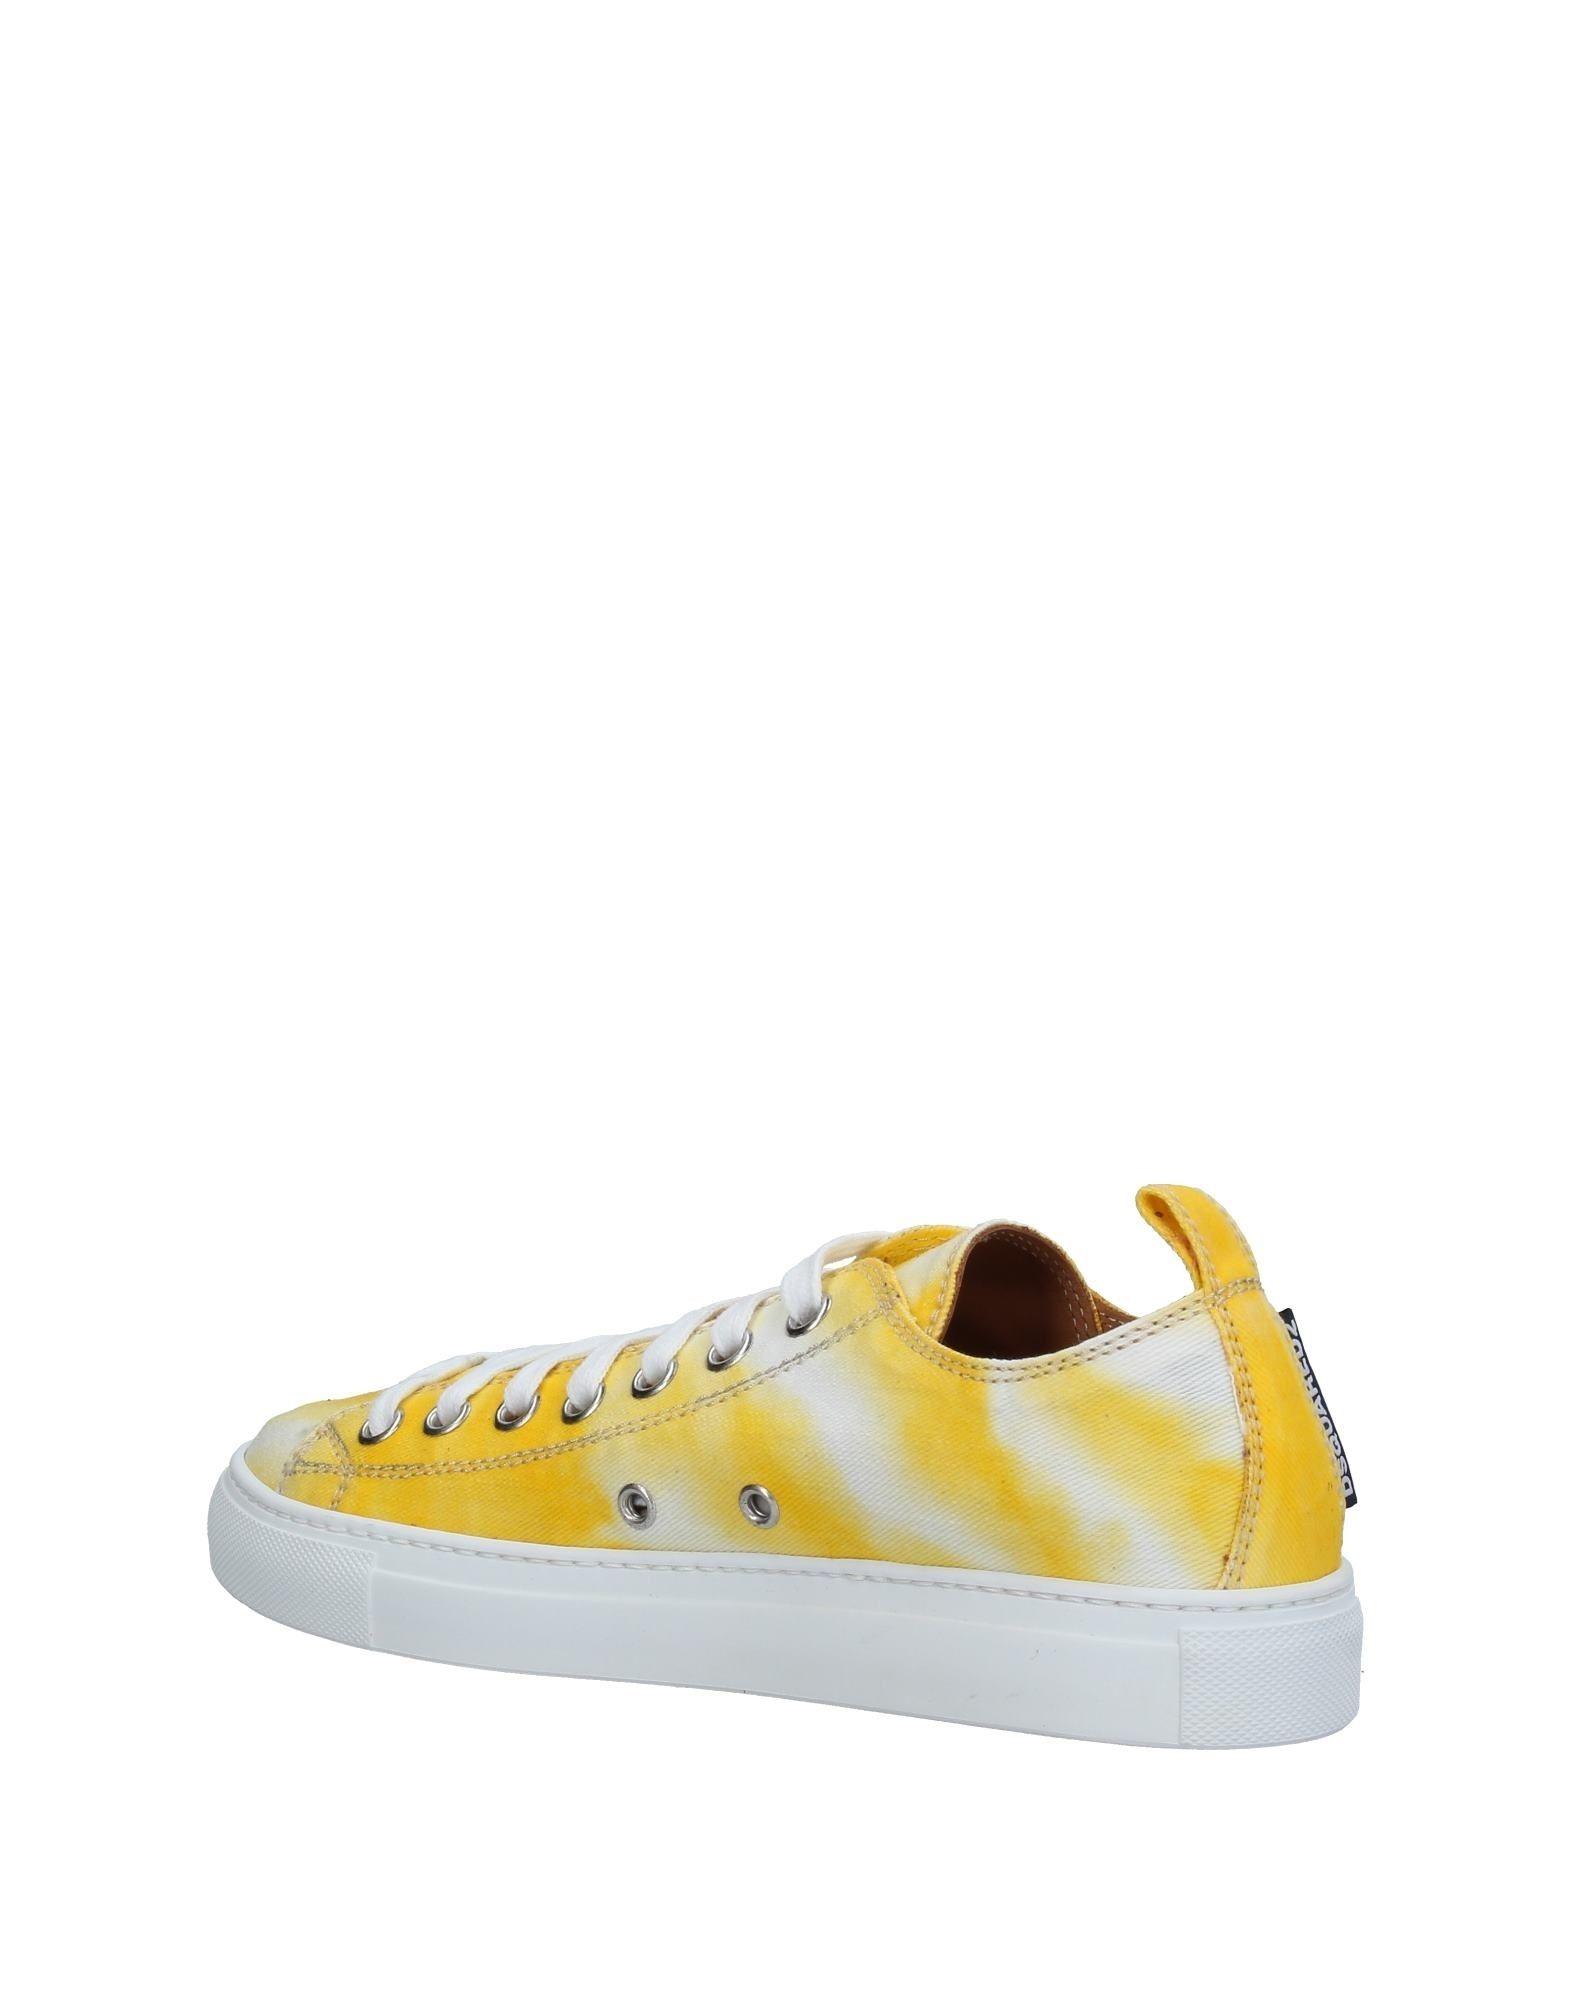 Dsquared2 Sneakers Gute Herren  11218486JN Gute Sneakers Qualität beliebte Schuhe c6b774